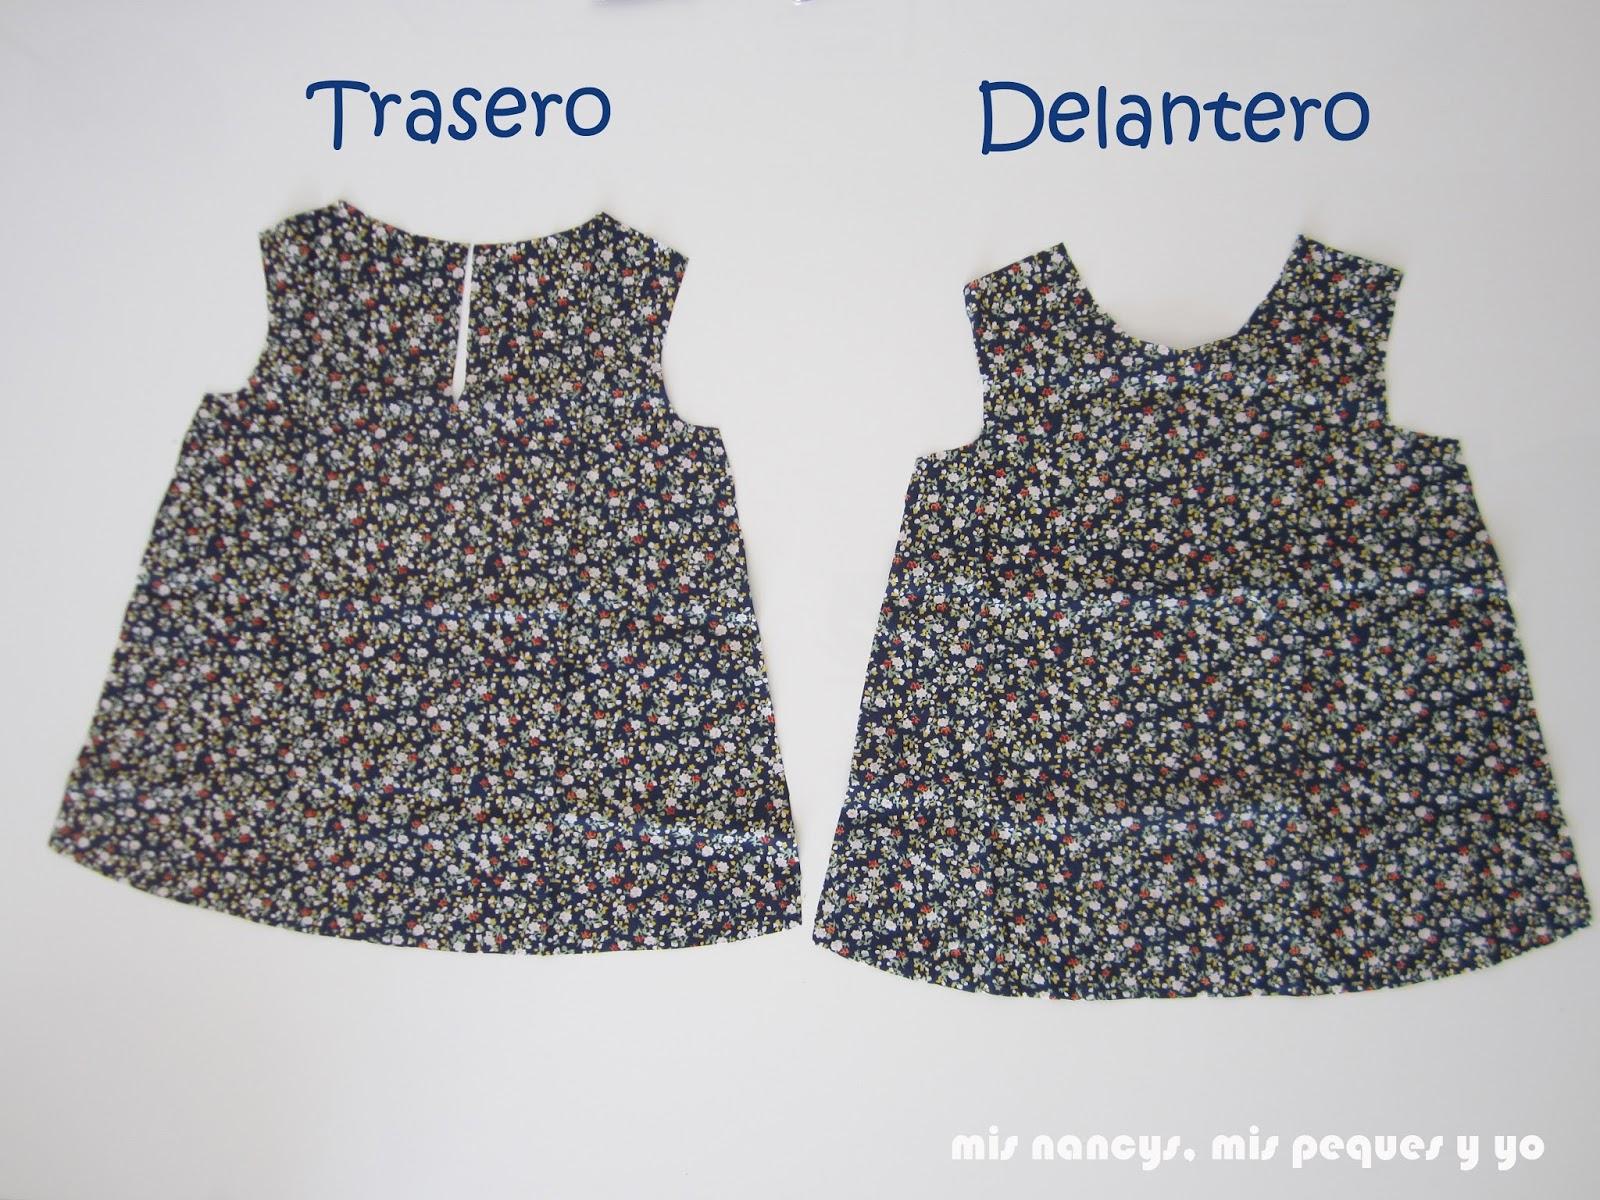 mis nancys, mis peques y yo, tutorial blusa sin mangas niña (patrón gratis), tela cortada delantero y trasero